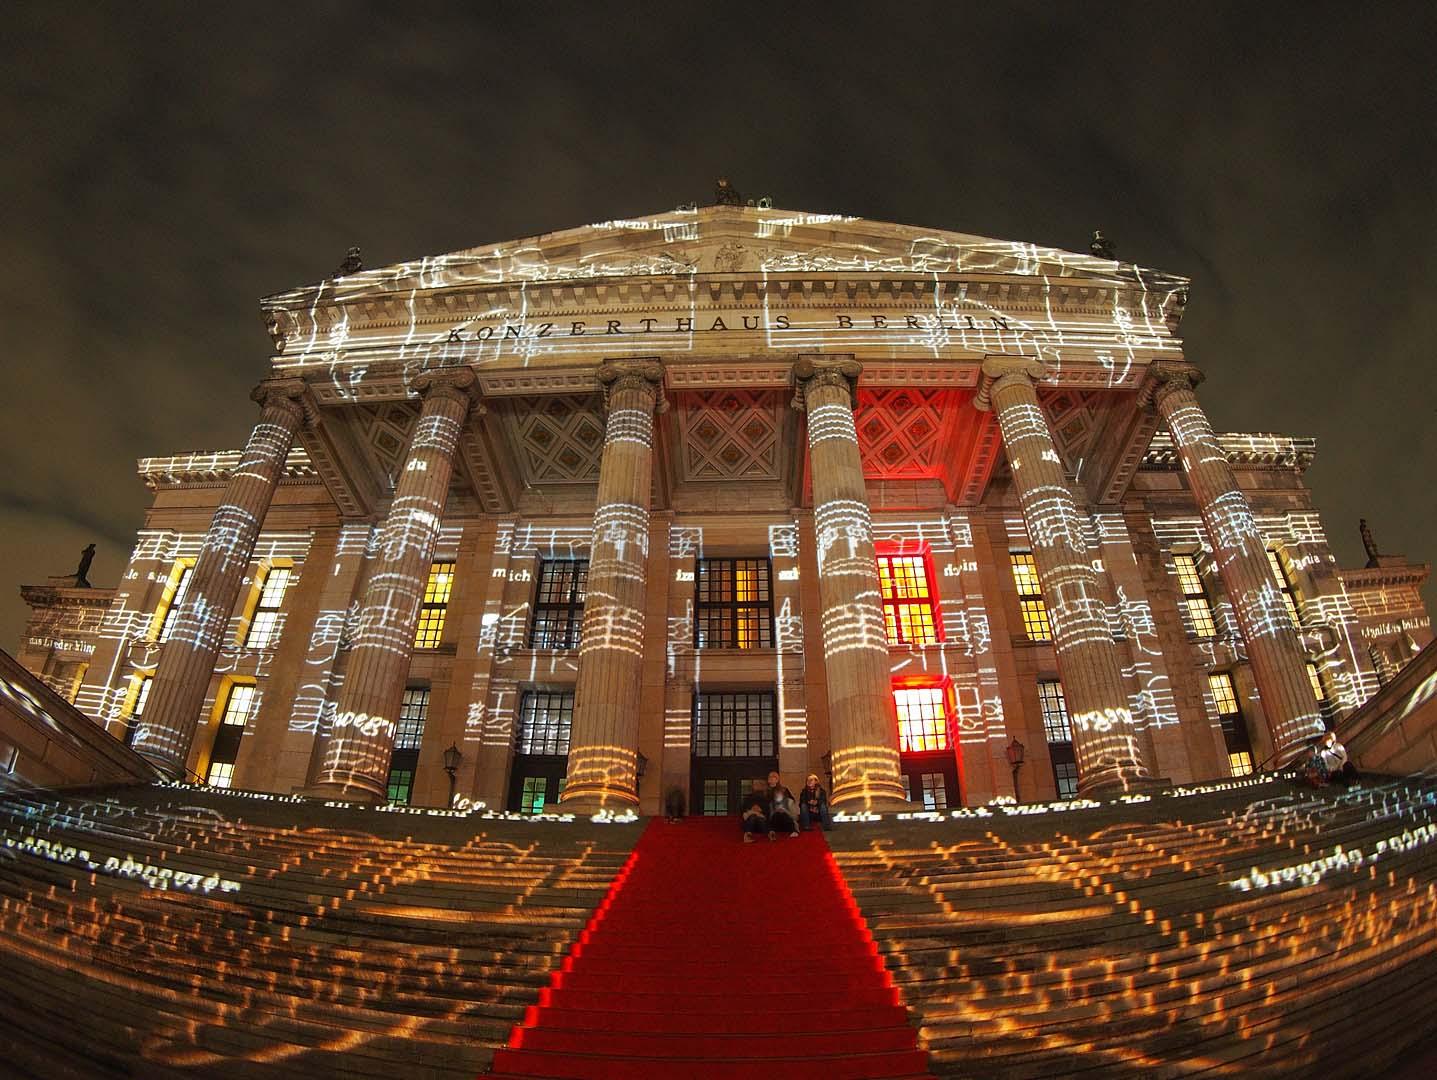 Schauspielhaus, Gendarmenmarkt